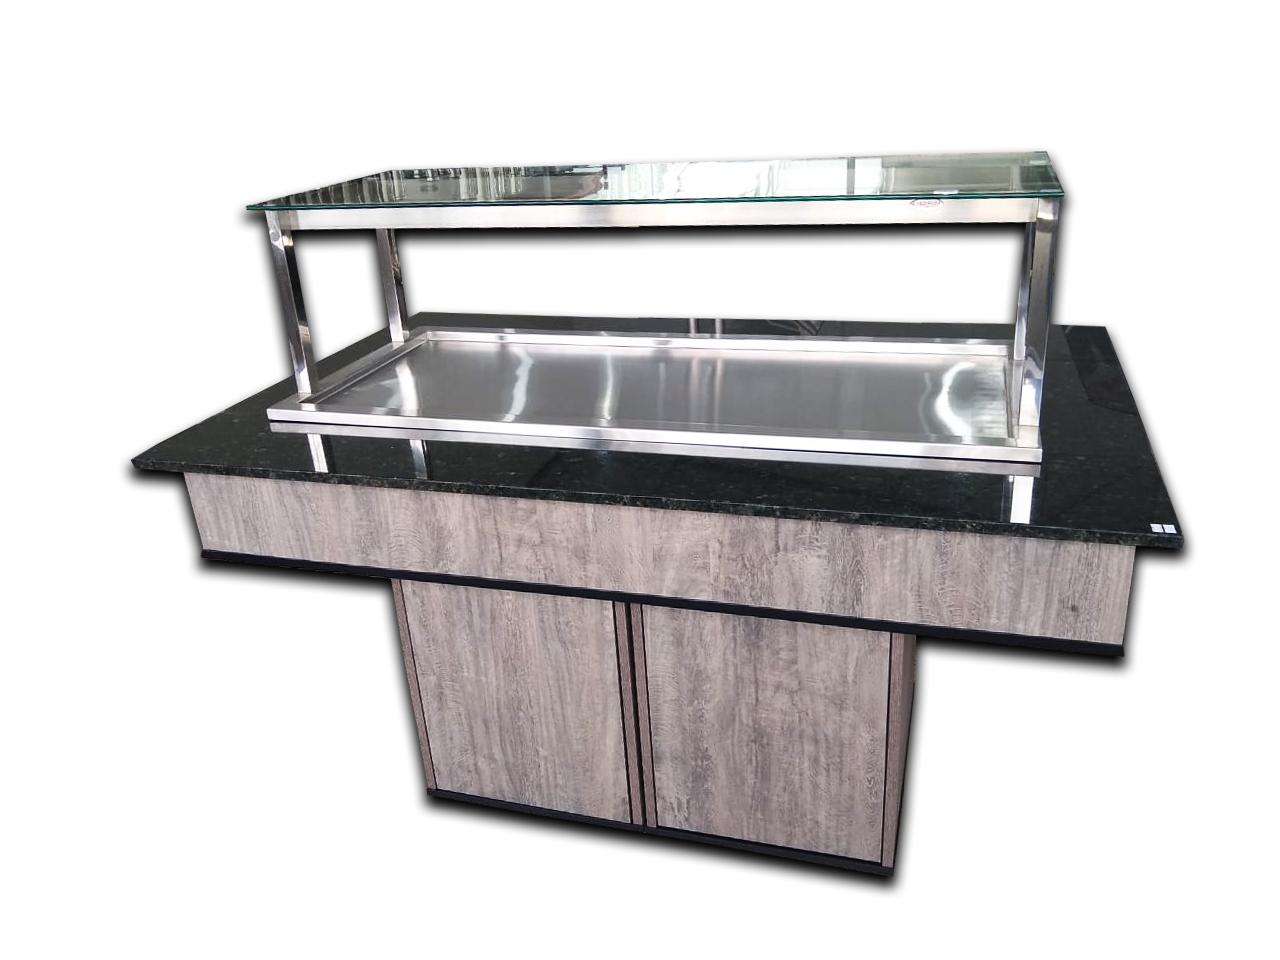 Buffet refrigerado 220V em MDF cor Rustica e granito verde labrador com vidro reto